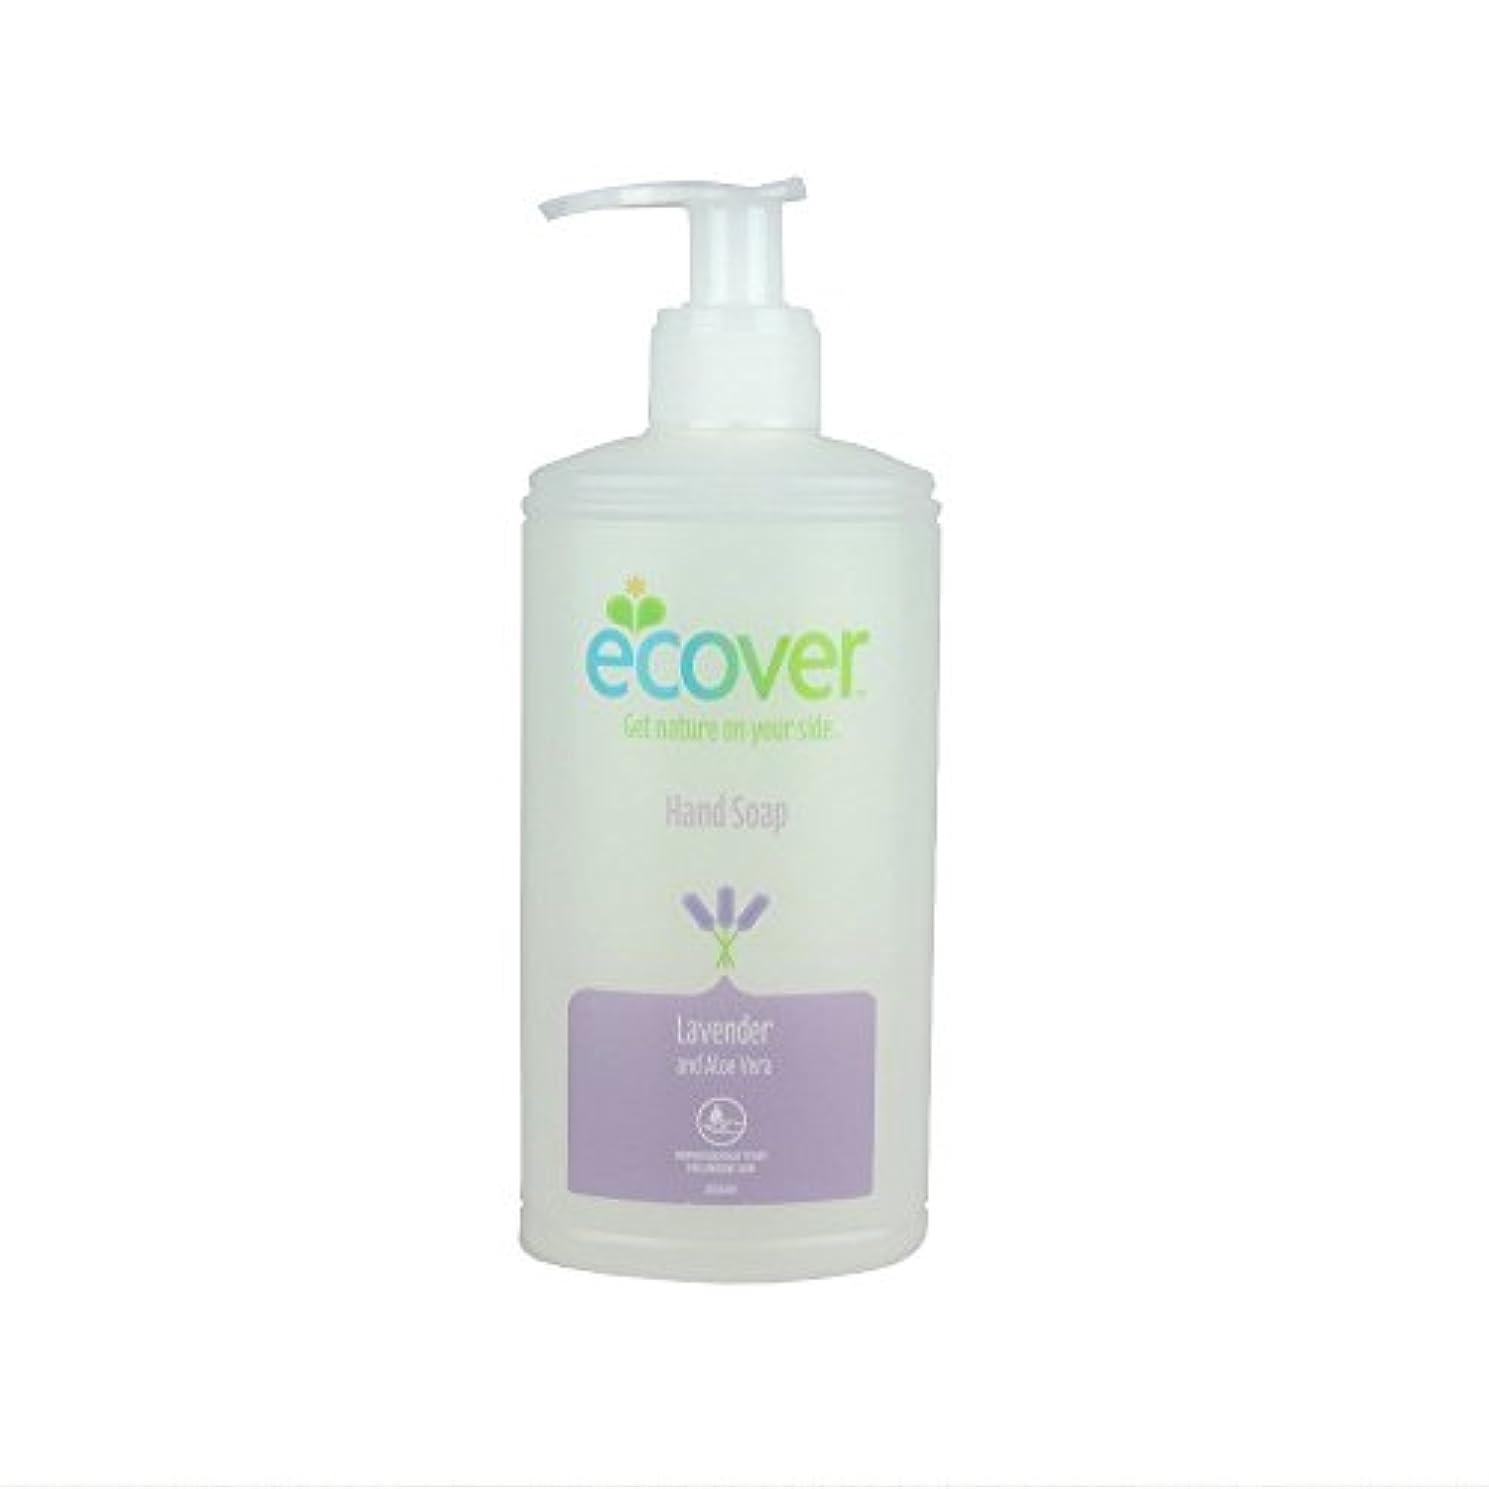 満足させるパーセント多様なEcover Liquid Hand Soap Lavender & Aloe Vera (250ml) 液体ハンドソープラベンダーとアロエベラ( 250ミリリットル)をエコベール